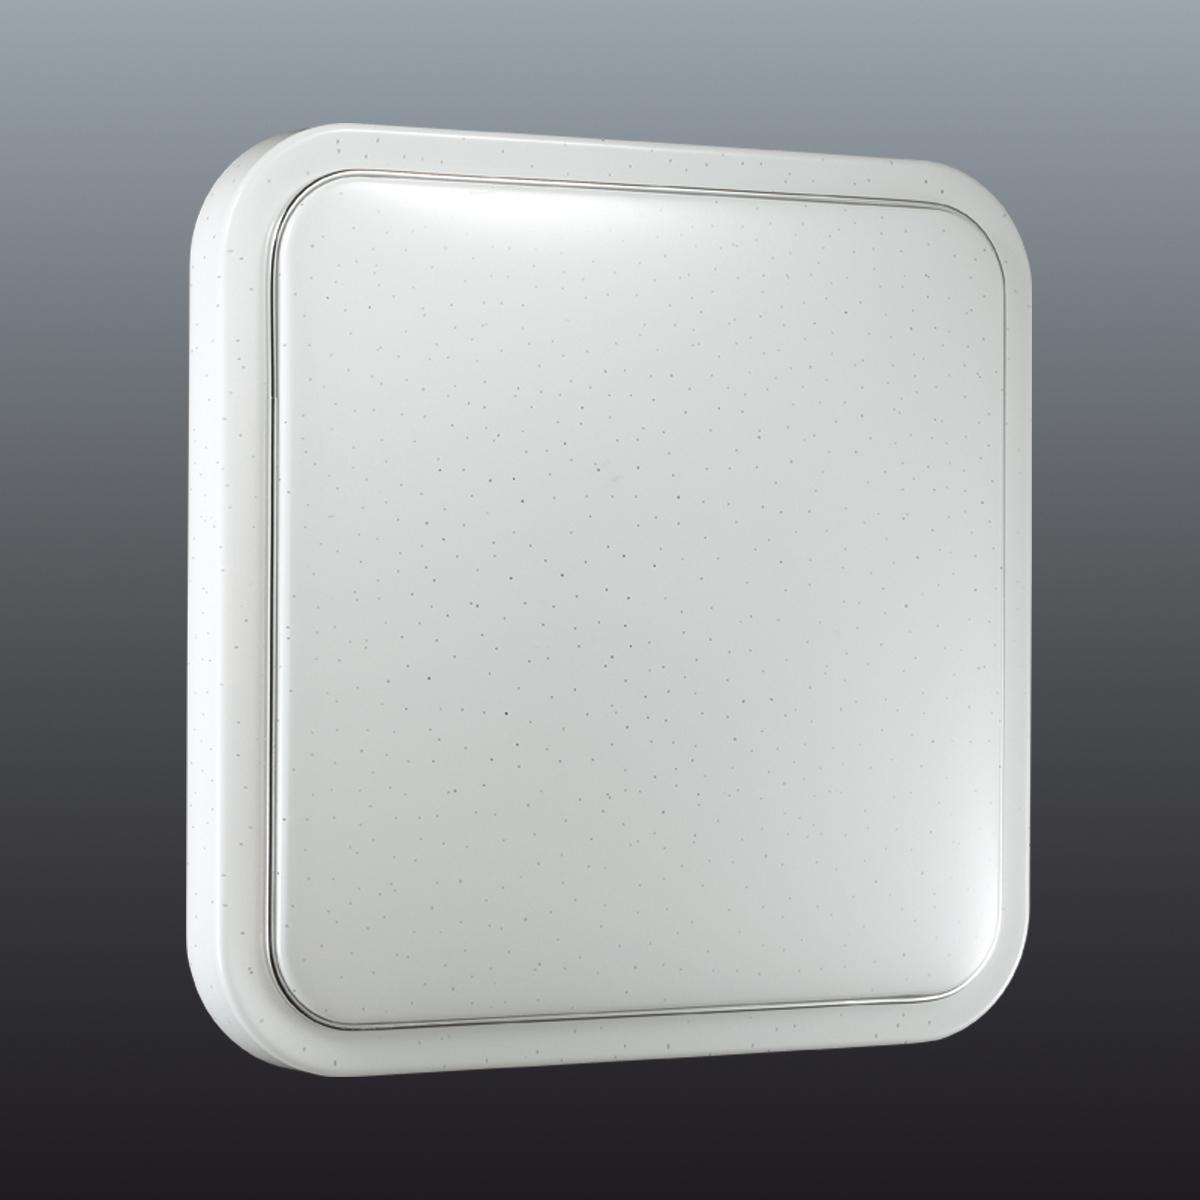 Потолочный светодиодный светильник Sonex Kvadri 2014/C, IP43, LED 28W 4000K 1419lm, белый, металл, пластик - фото 6